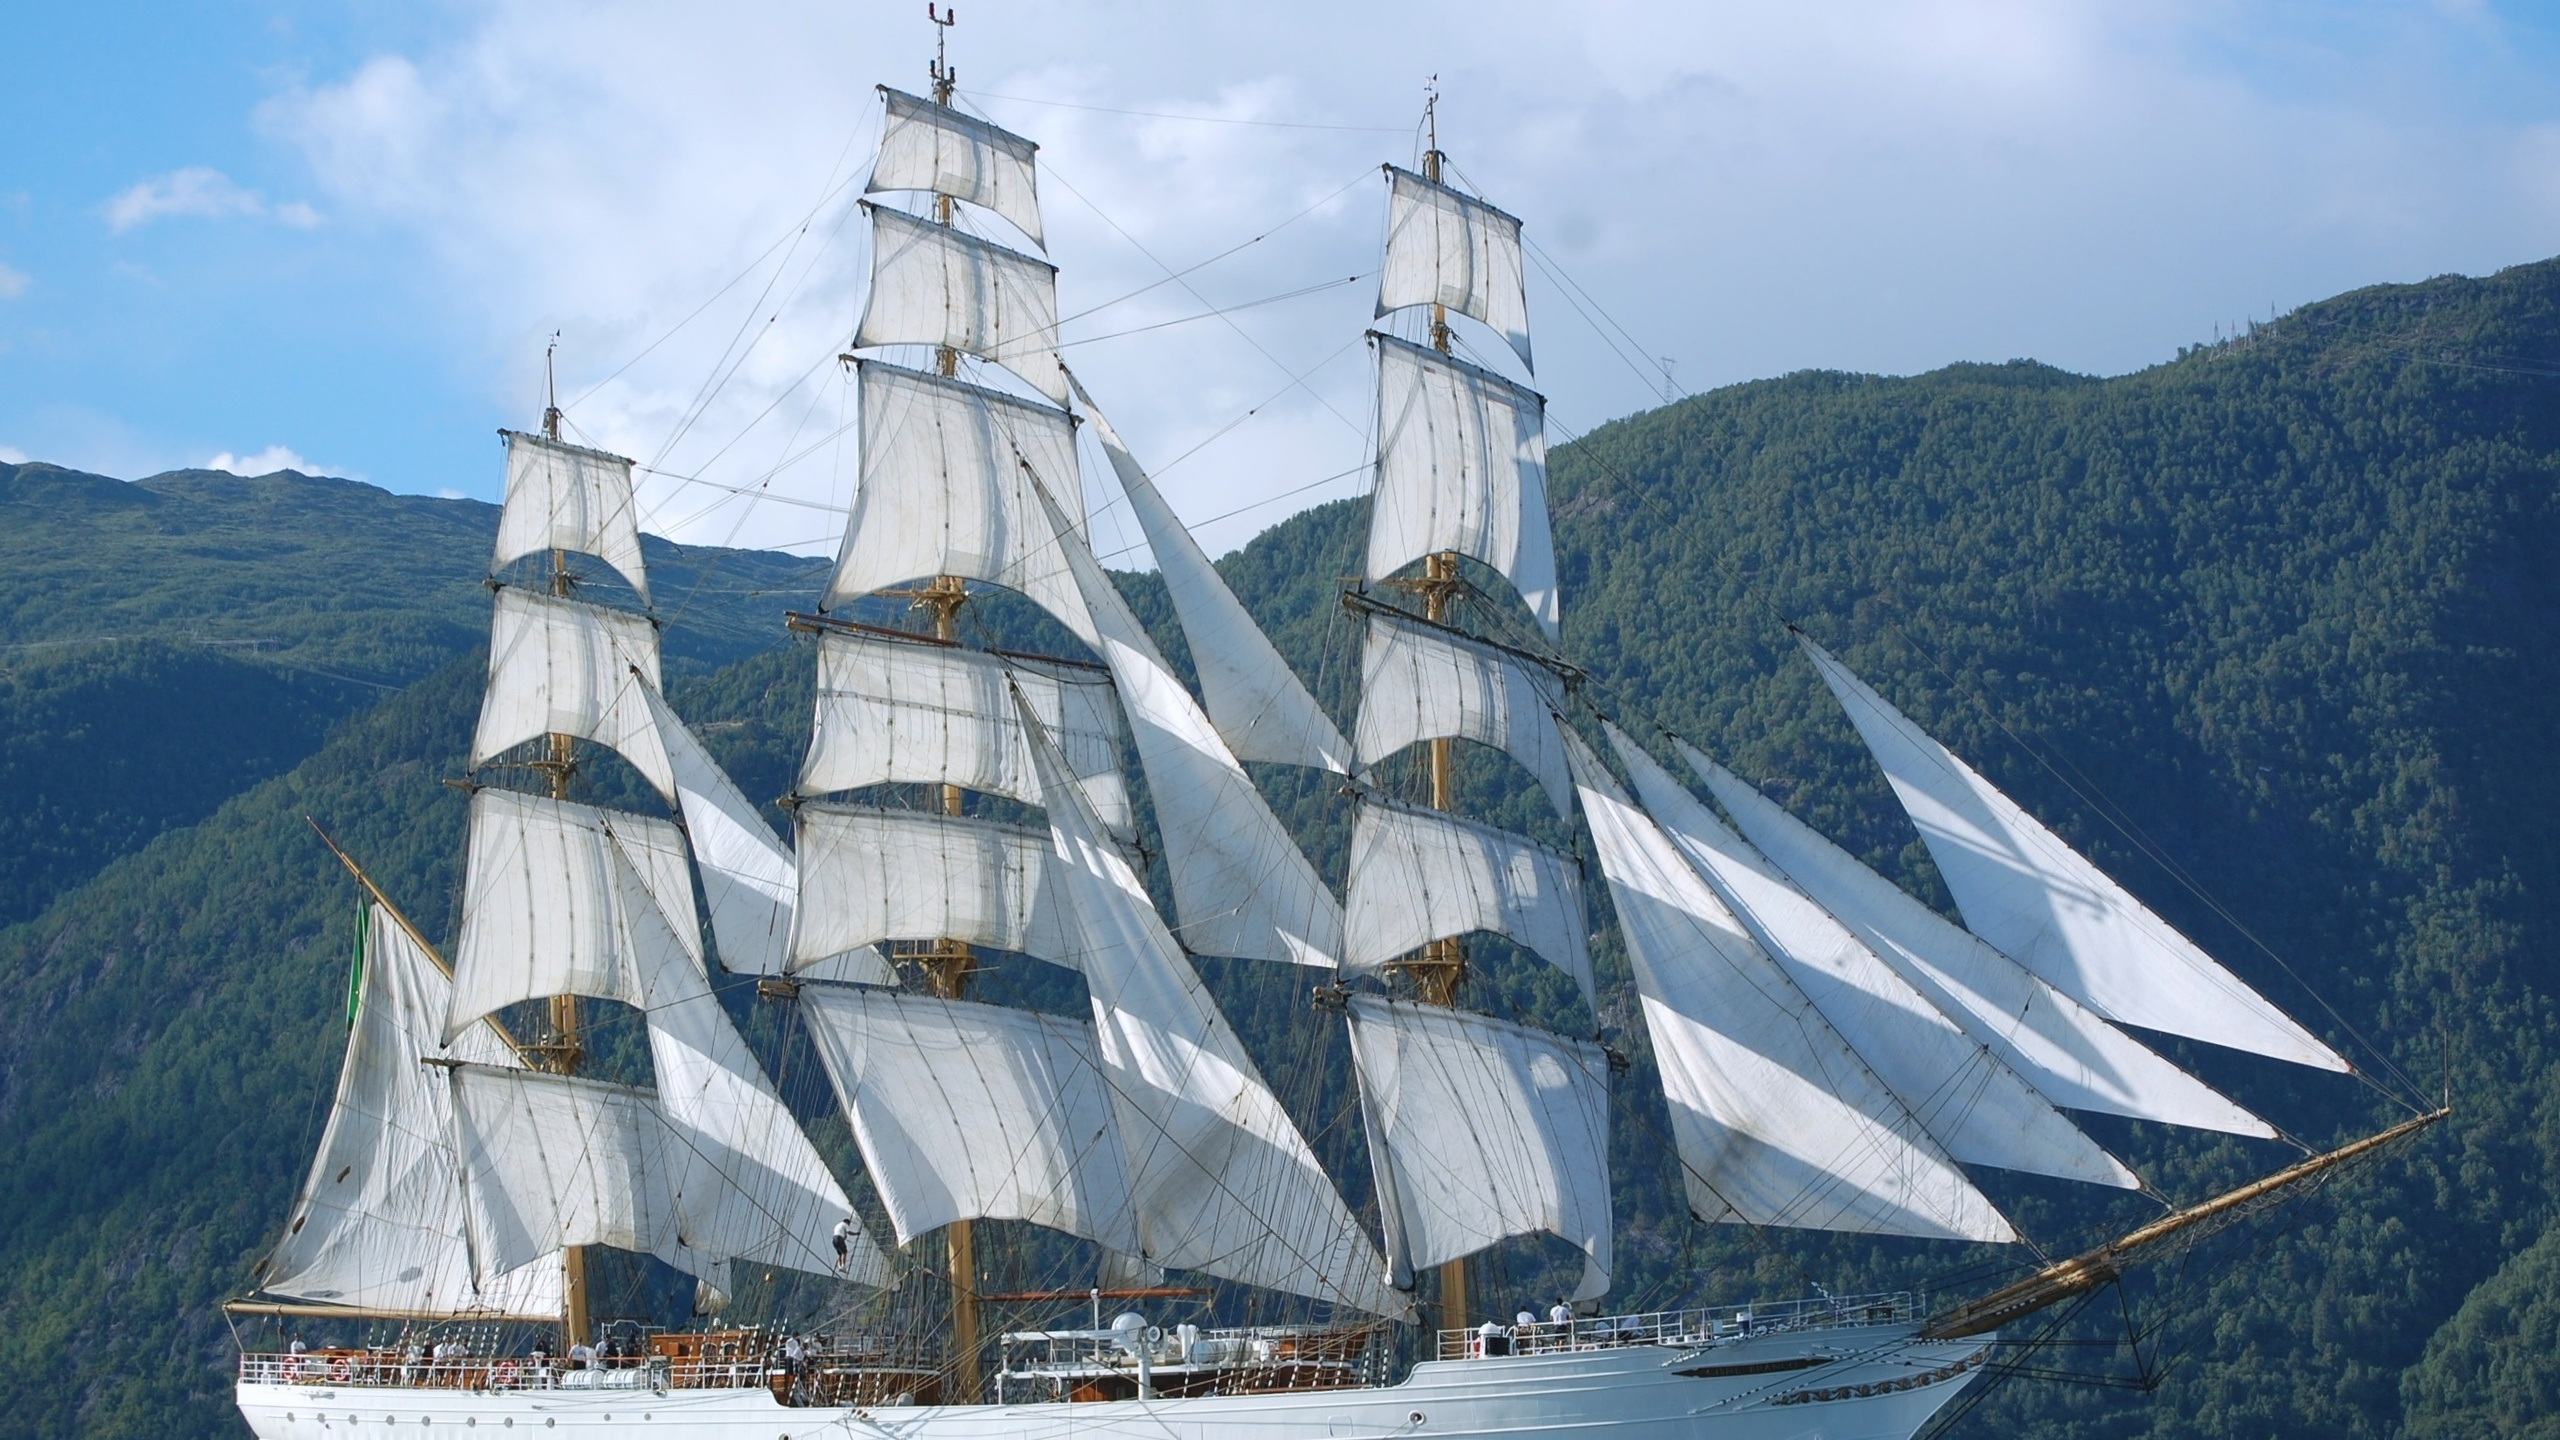 Море белые корабли фото на рабочий стол